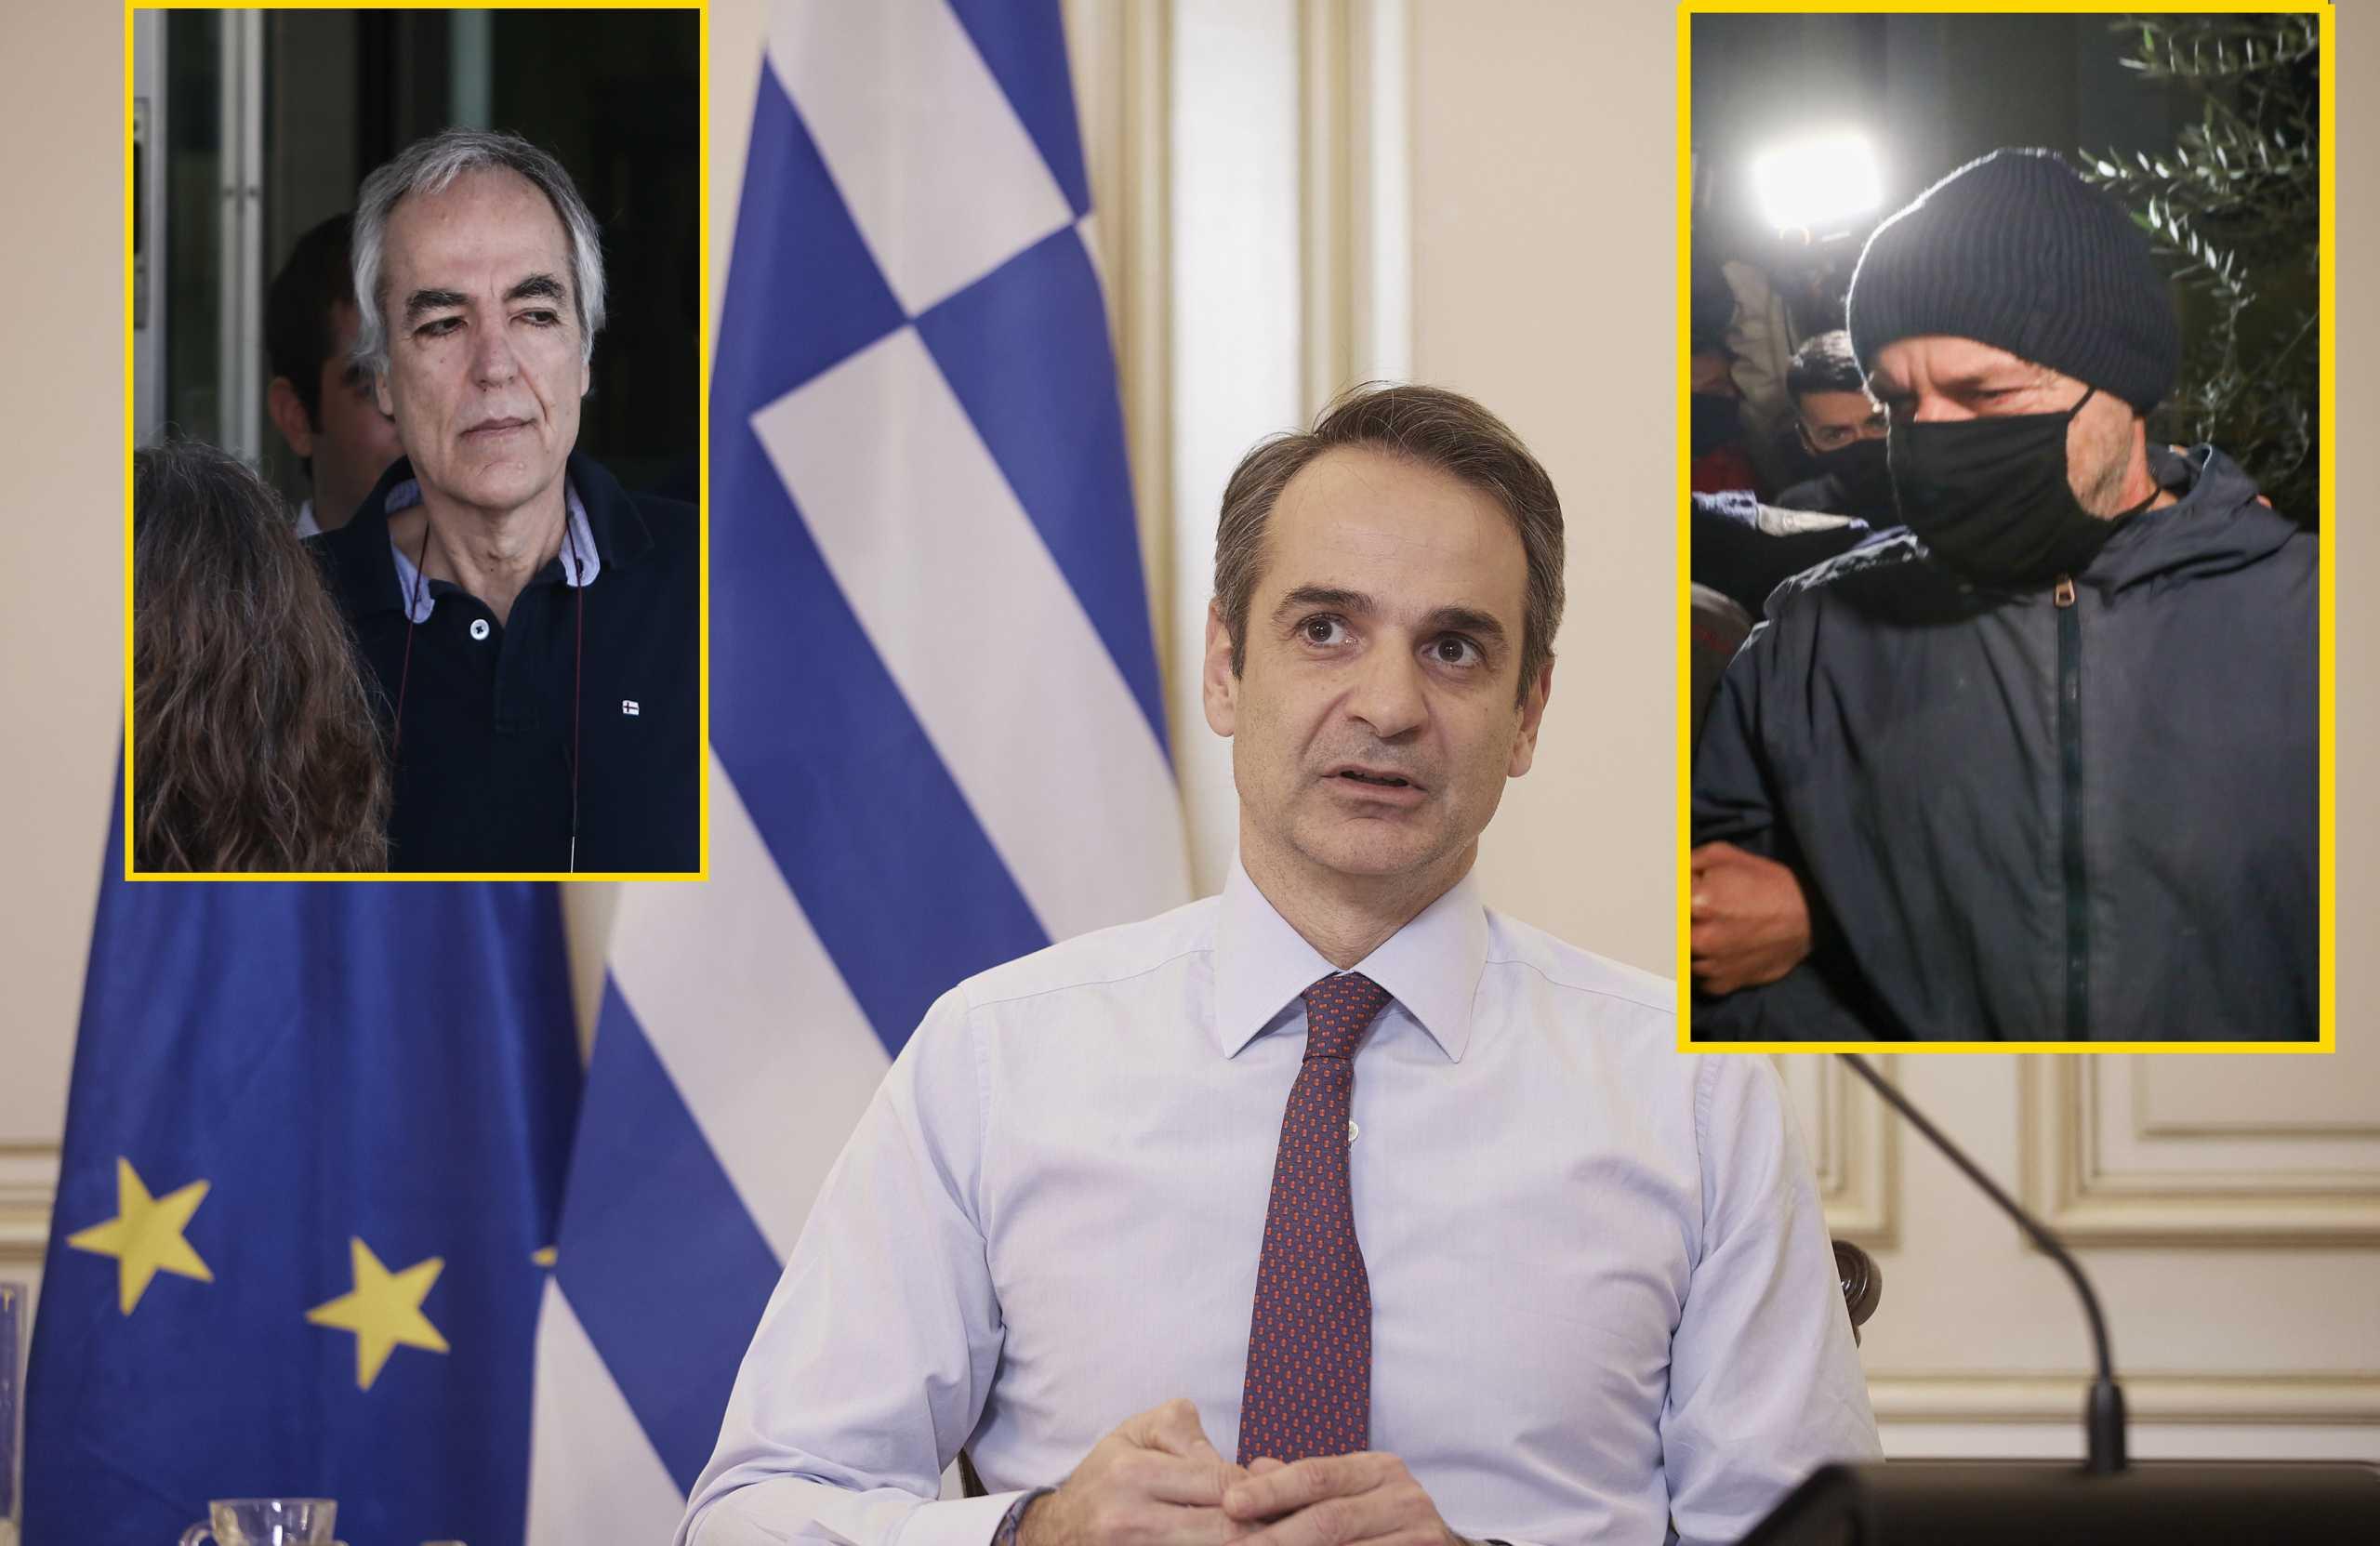 Δημοσκόπηση MRB: Κουφοντίνας, Λιγνάδης και έντονο πολιτικό σκηνικό στο επίκεντρο